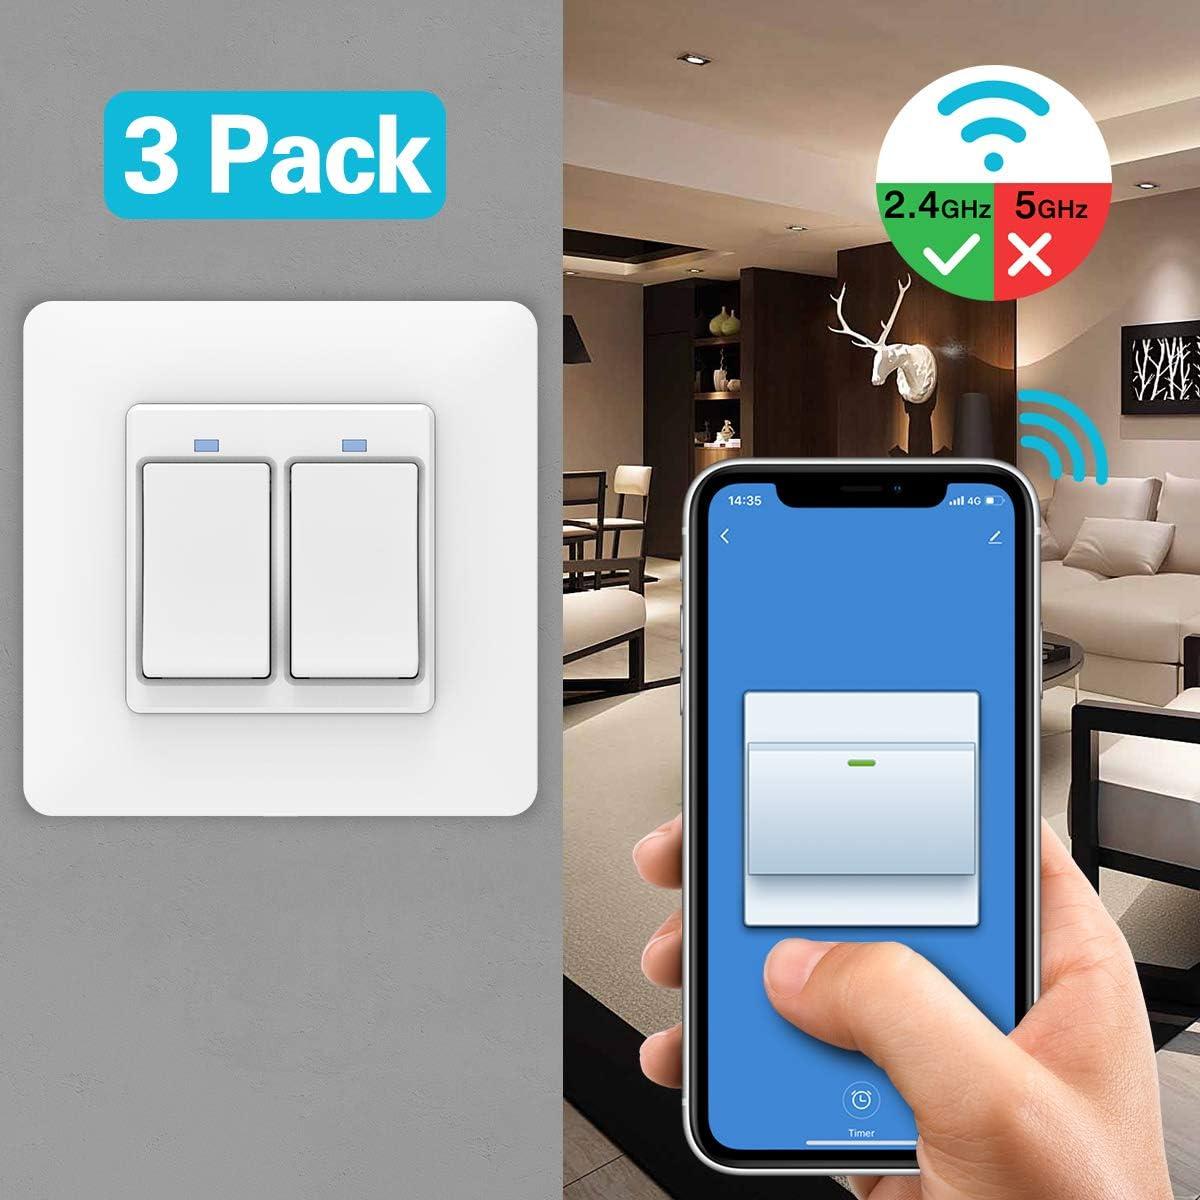 IFTTT Temporizador Blanco WiFi Interruptor de Luz Funciona con Alexa Solo 2.4GHz Red Google Home 3 PZS Atajos de Siri Control Remoto//Voz MoKo WiFi Interruptor Inteligente de Pared,